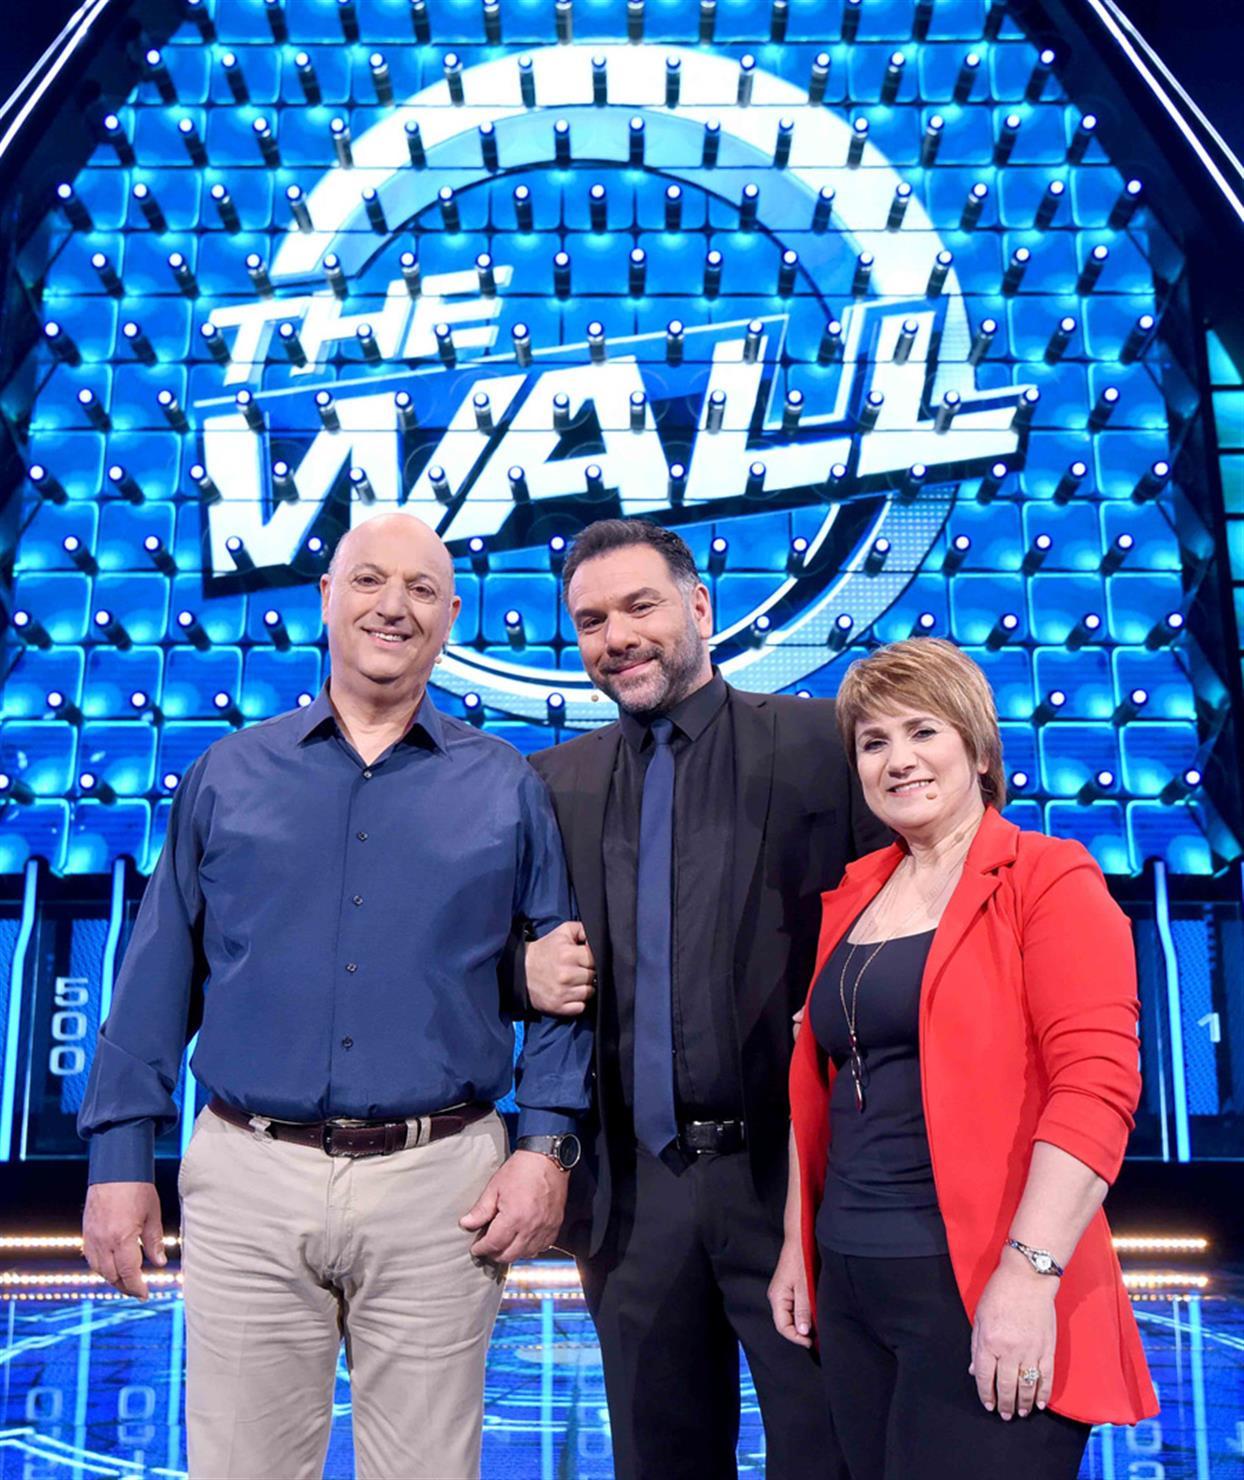 ΤΗΕ WALL - ΕΠ 15